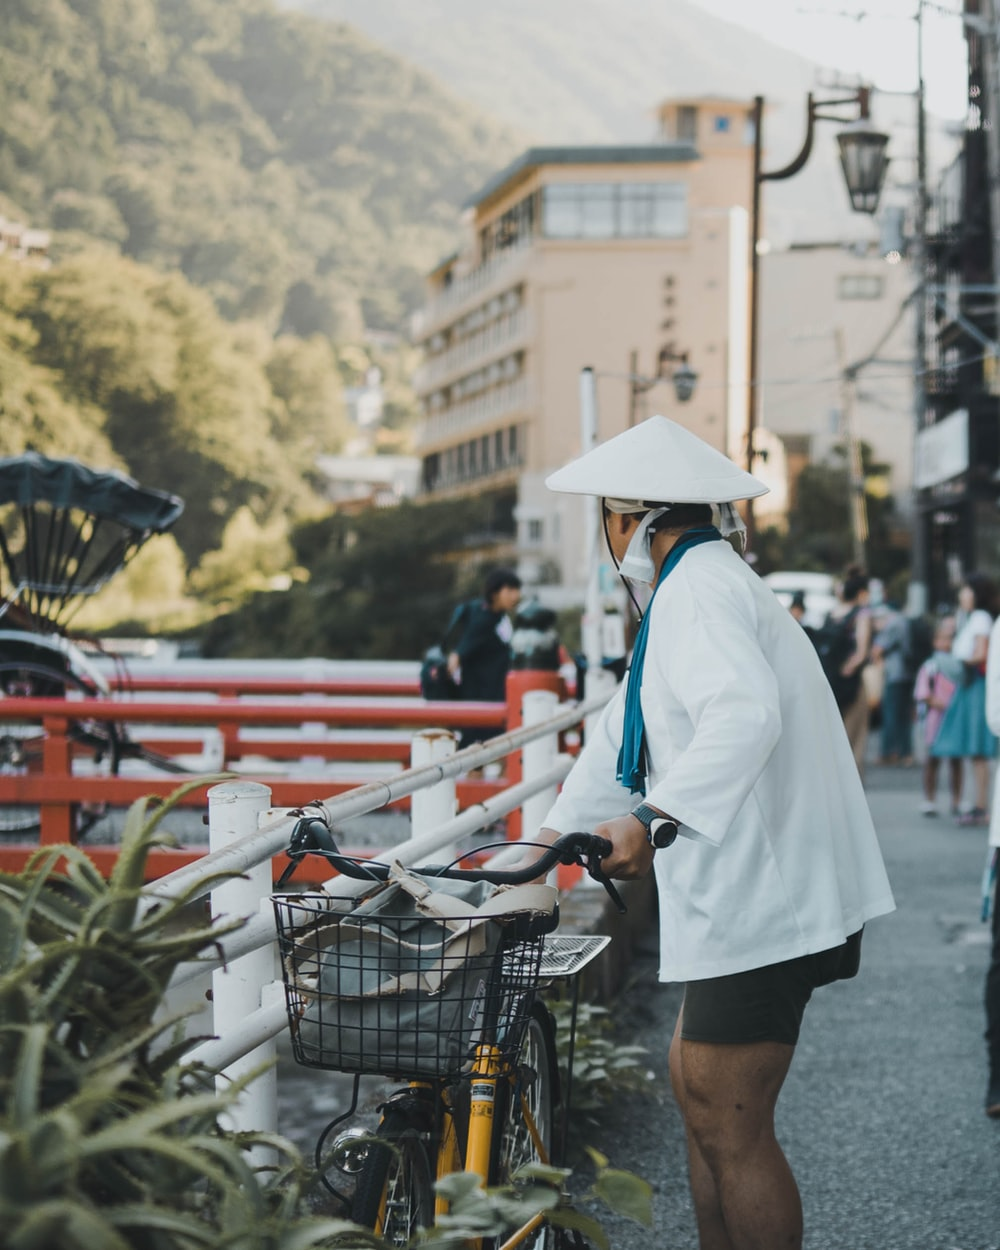 man holding bicycle during daytime